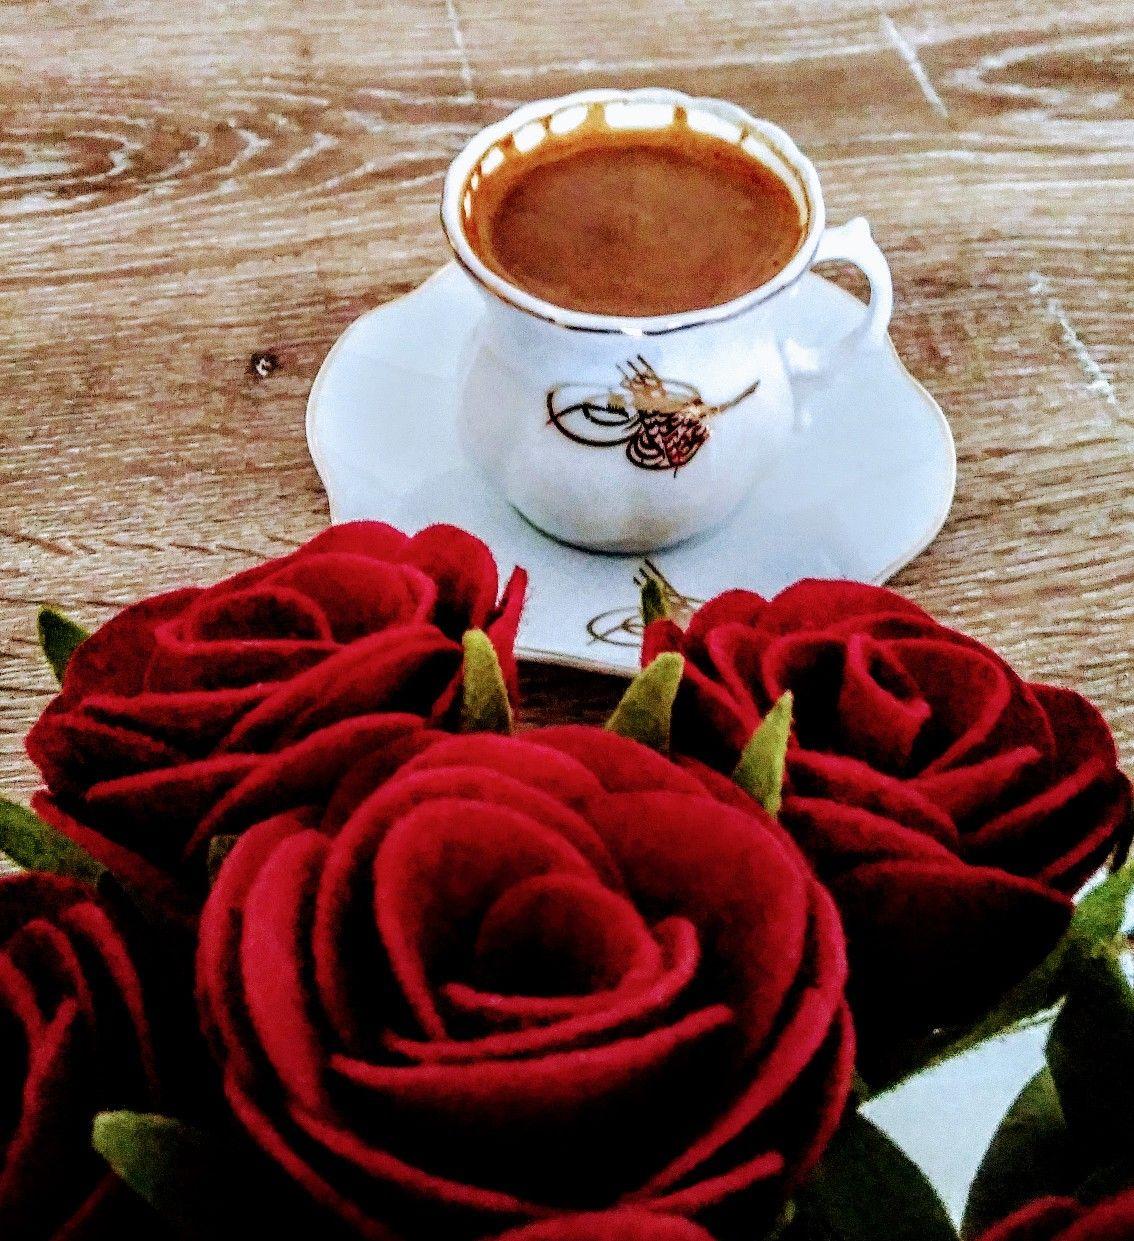 Бокса, кофе с молоком картинки красивые и с розами